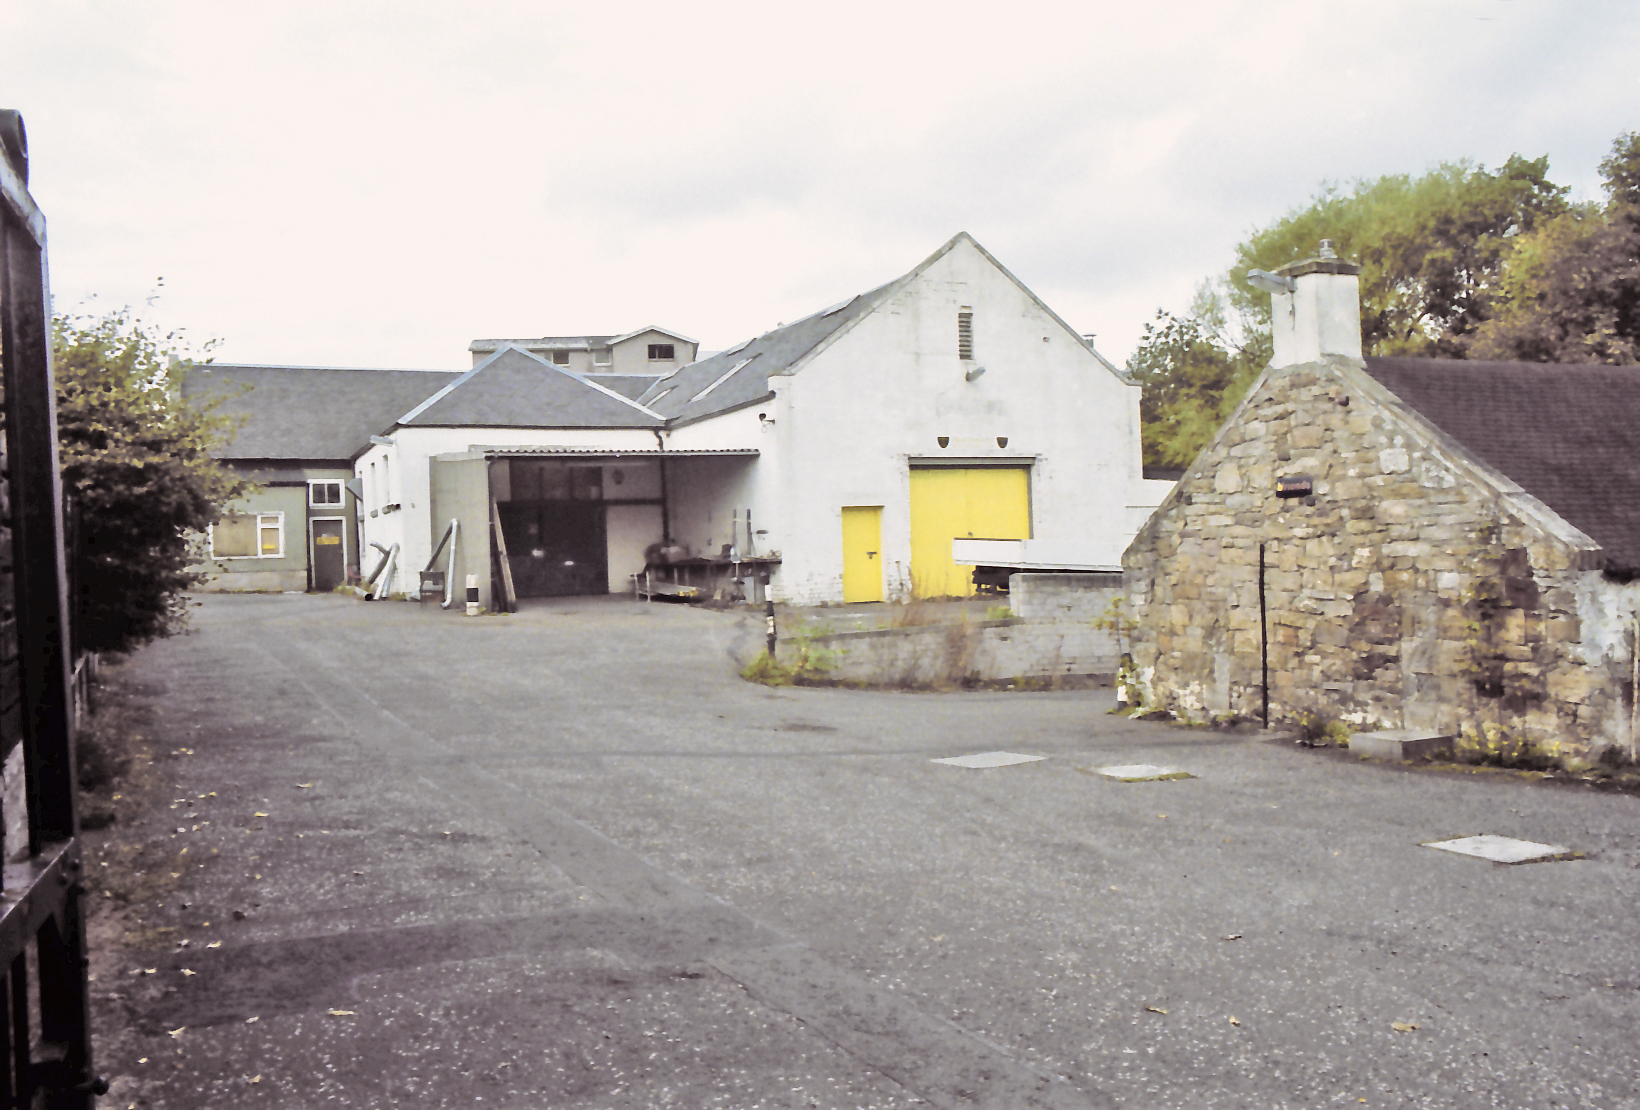 085 (R53 fr19) workshops